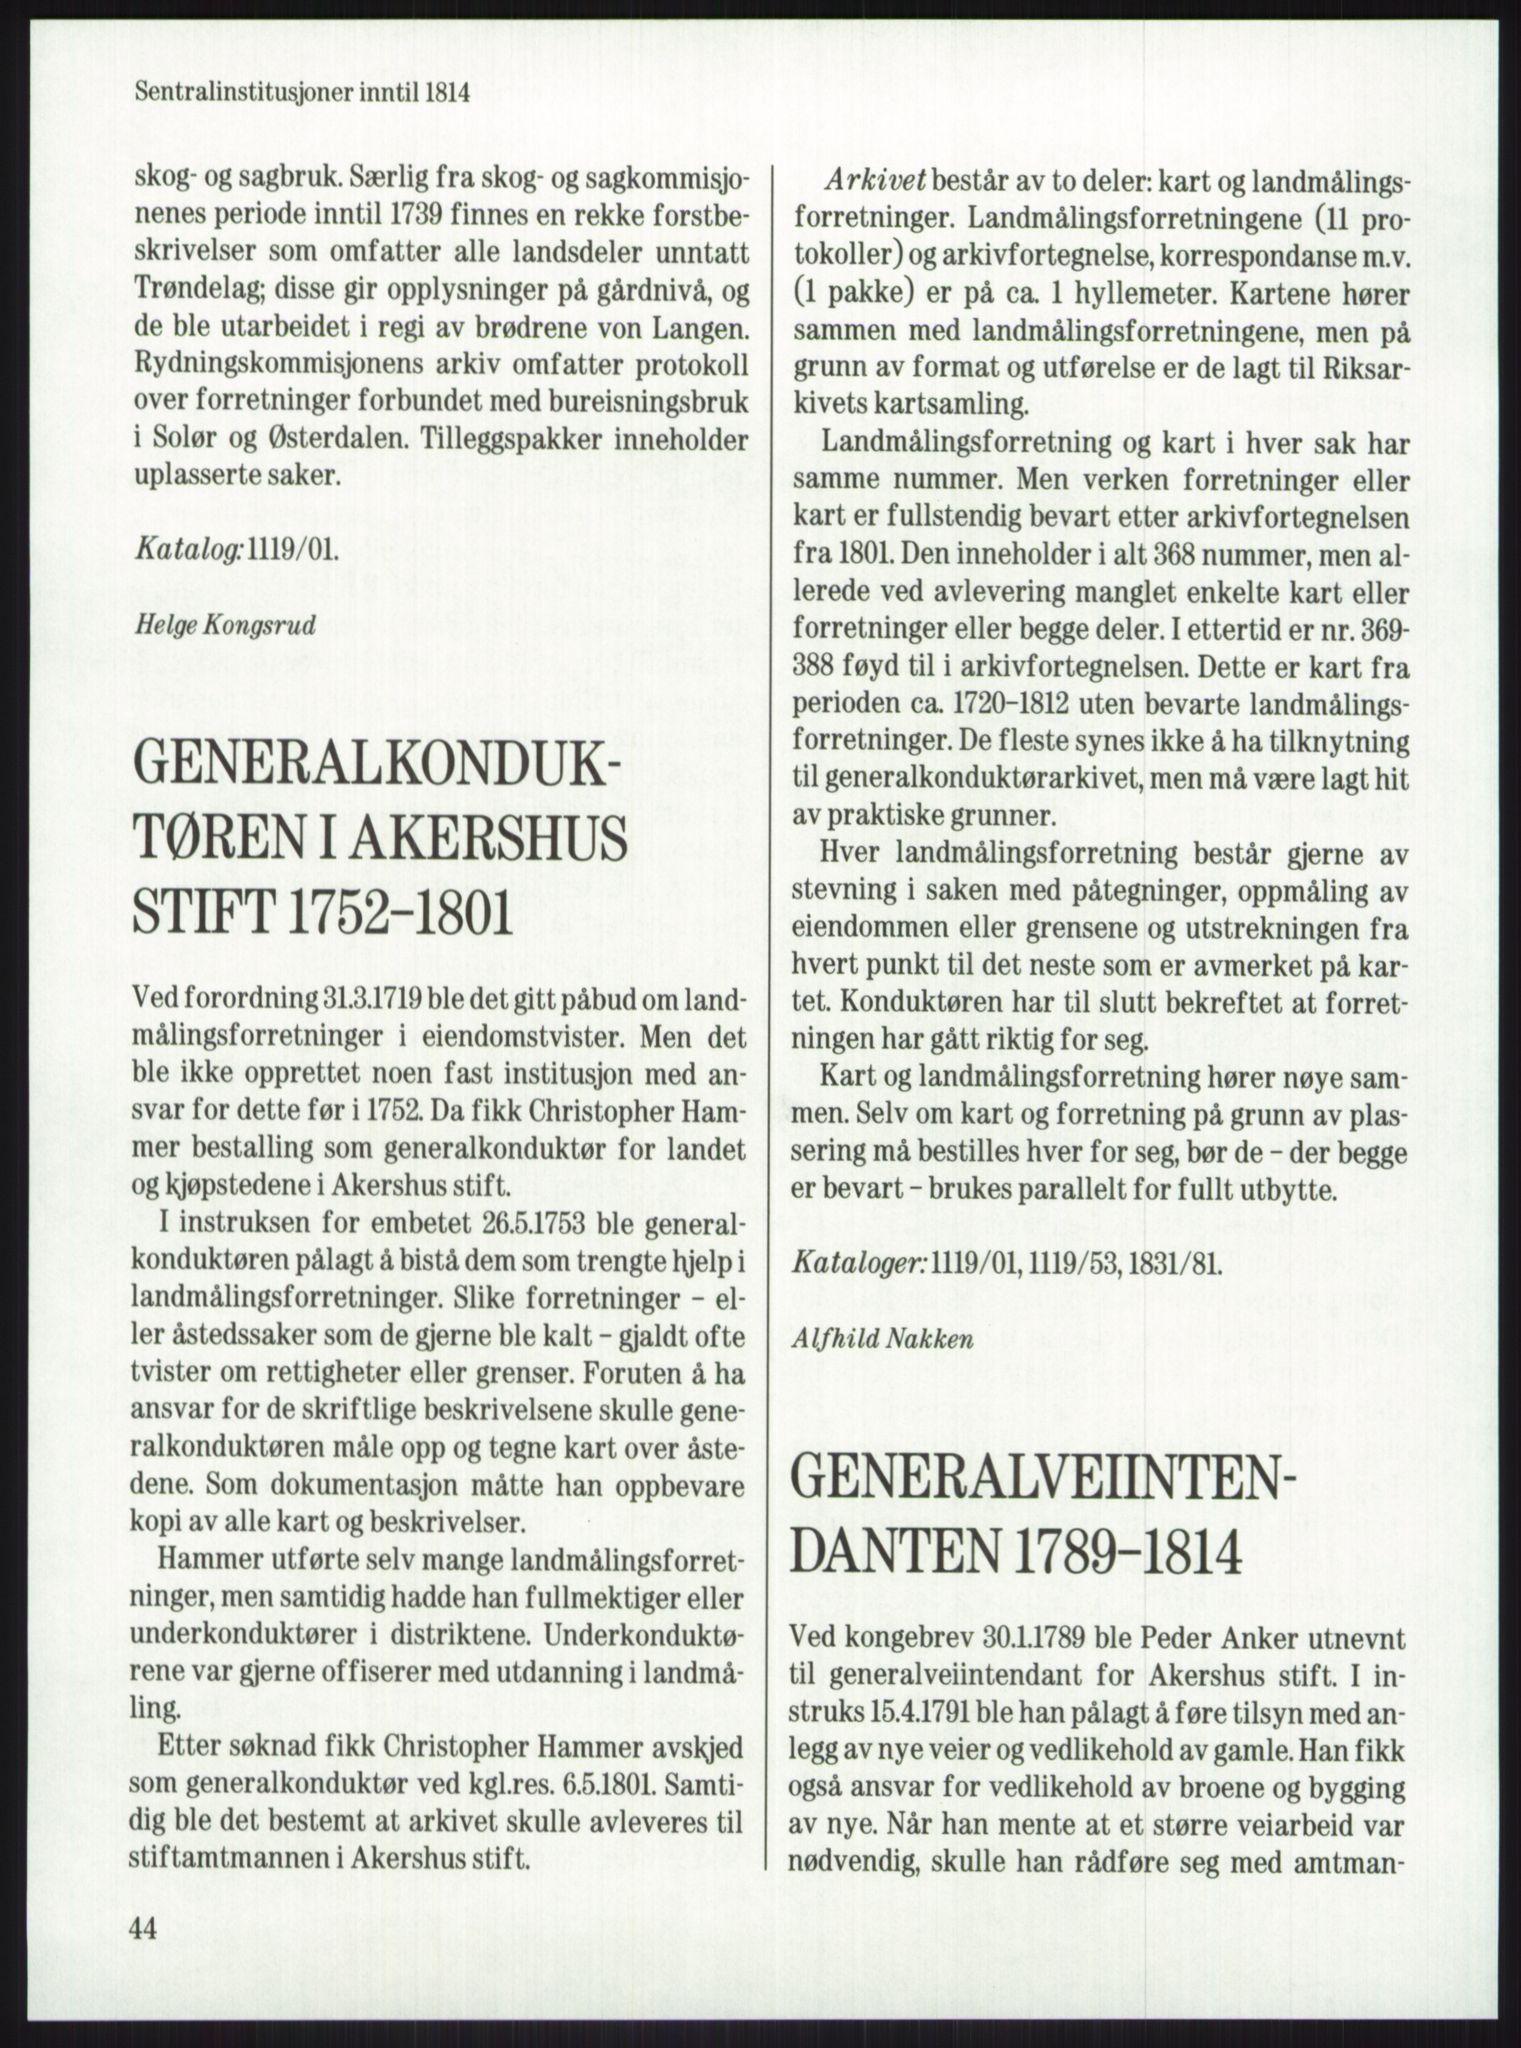 PUBL, Publikasjoner utgitt av Arkivverket, -/-: Knut Johannessen, Ole Kolsrud og Dag Mangset (red.): Håndbok for Riksarkivet (1992), p. 44